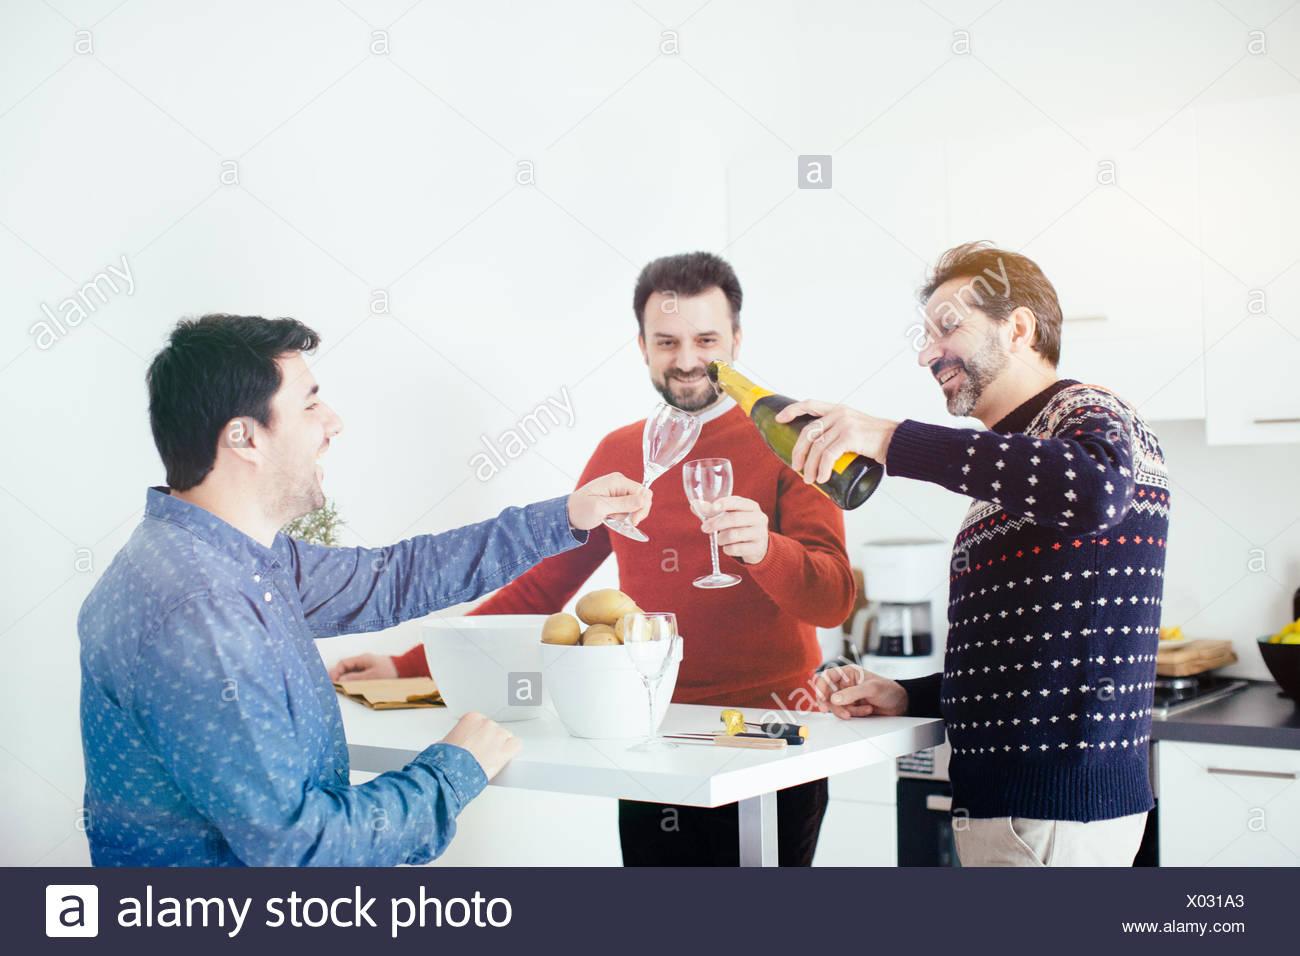 Men enjoying champagne tandis que dans la cuisine fait peler Photo Stock